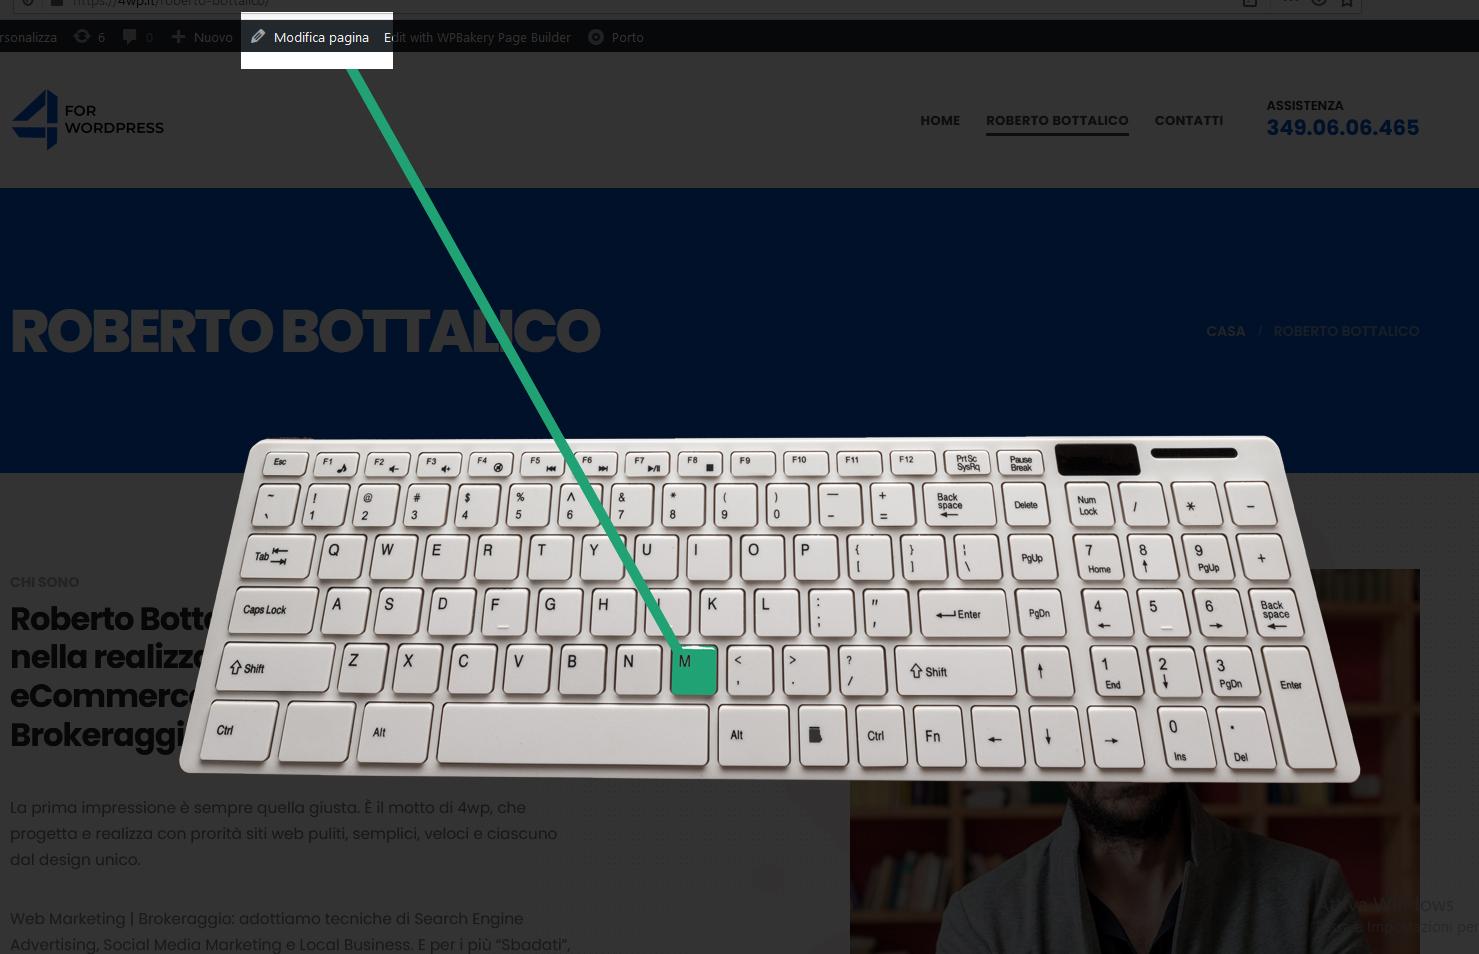 Accesso alla modifica pagina o articolo in modo rapido